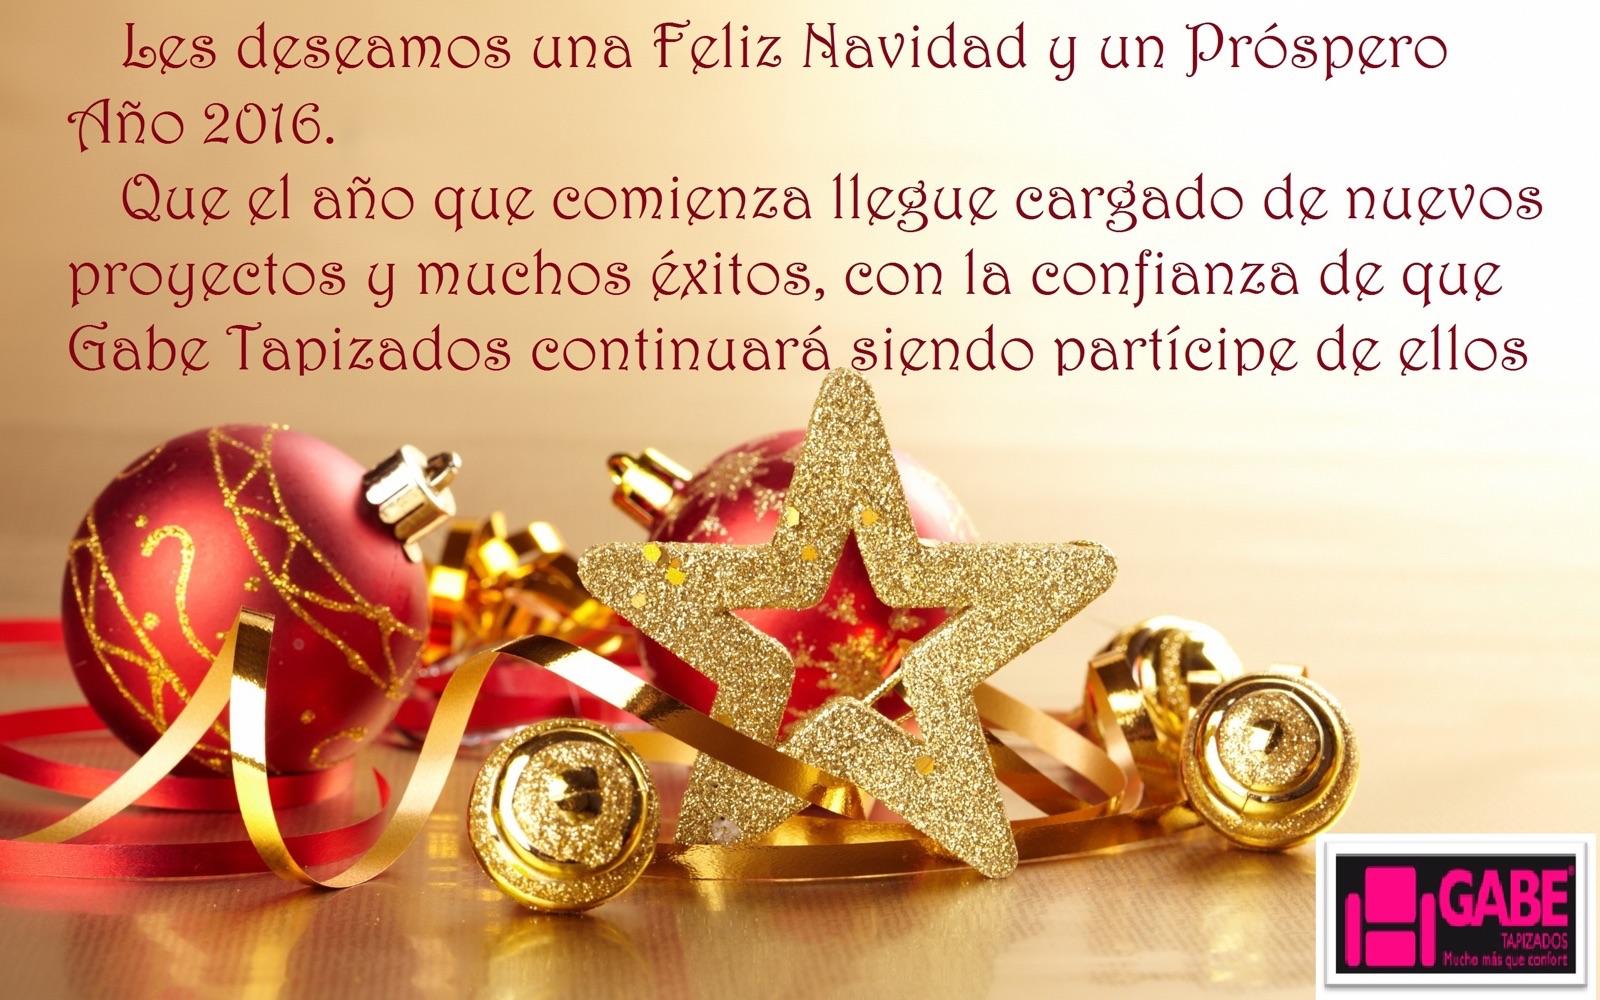 Felices Fiestas y Próspero año 2016 Gabe Tapizados